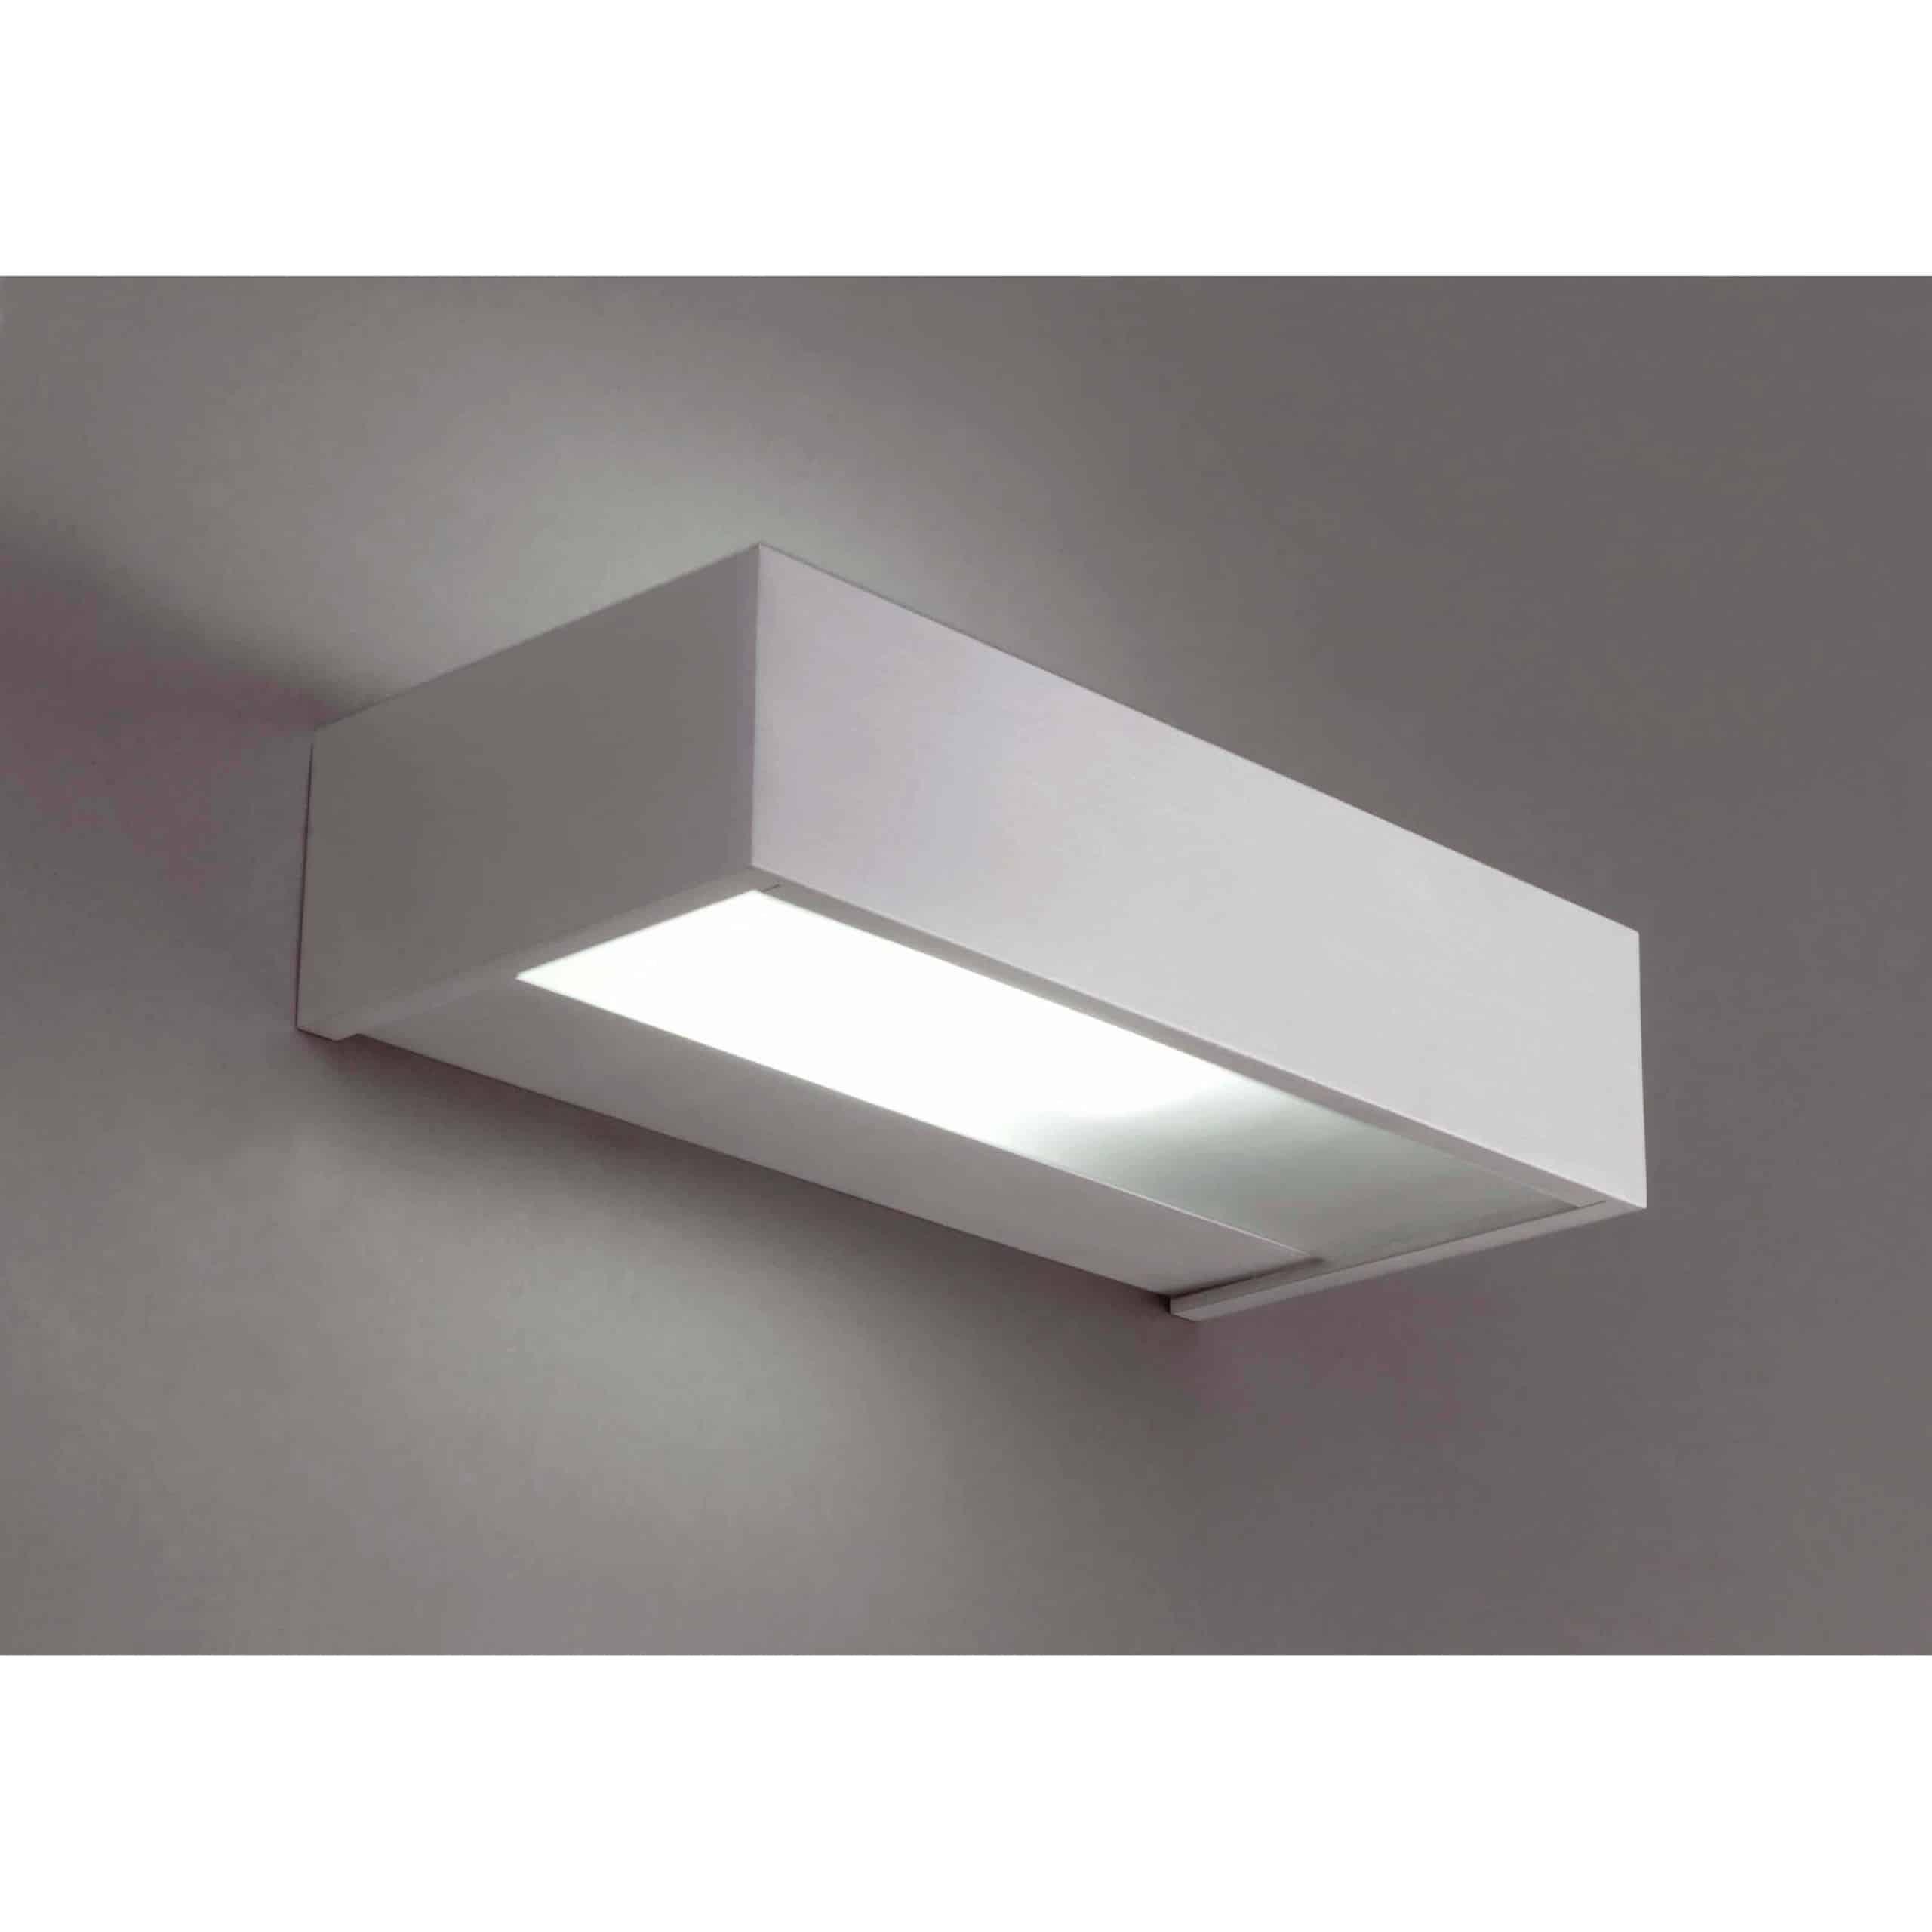 Sieninis LED šviestuvas FARO AMBO